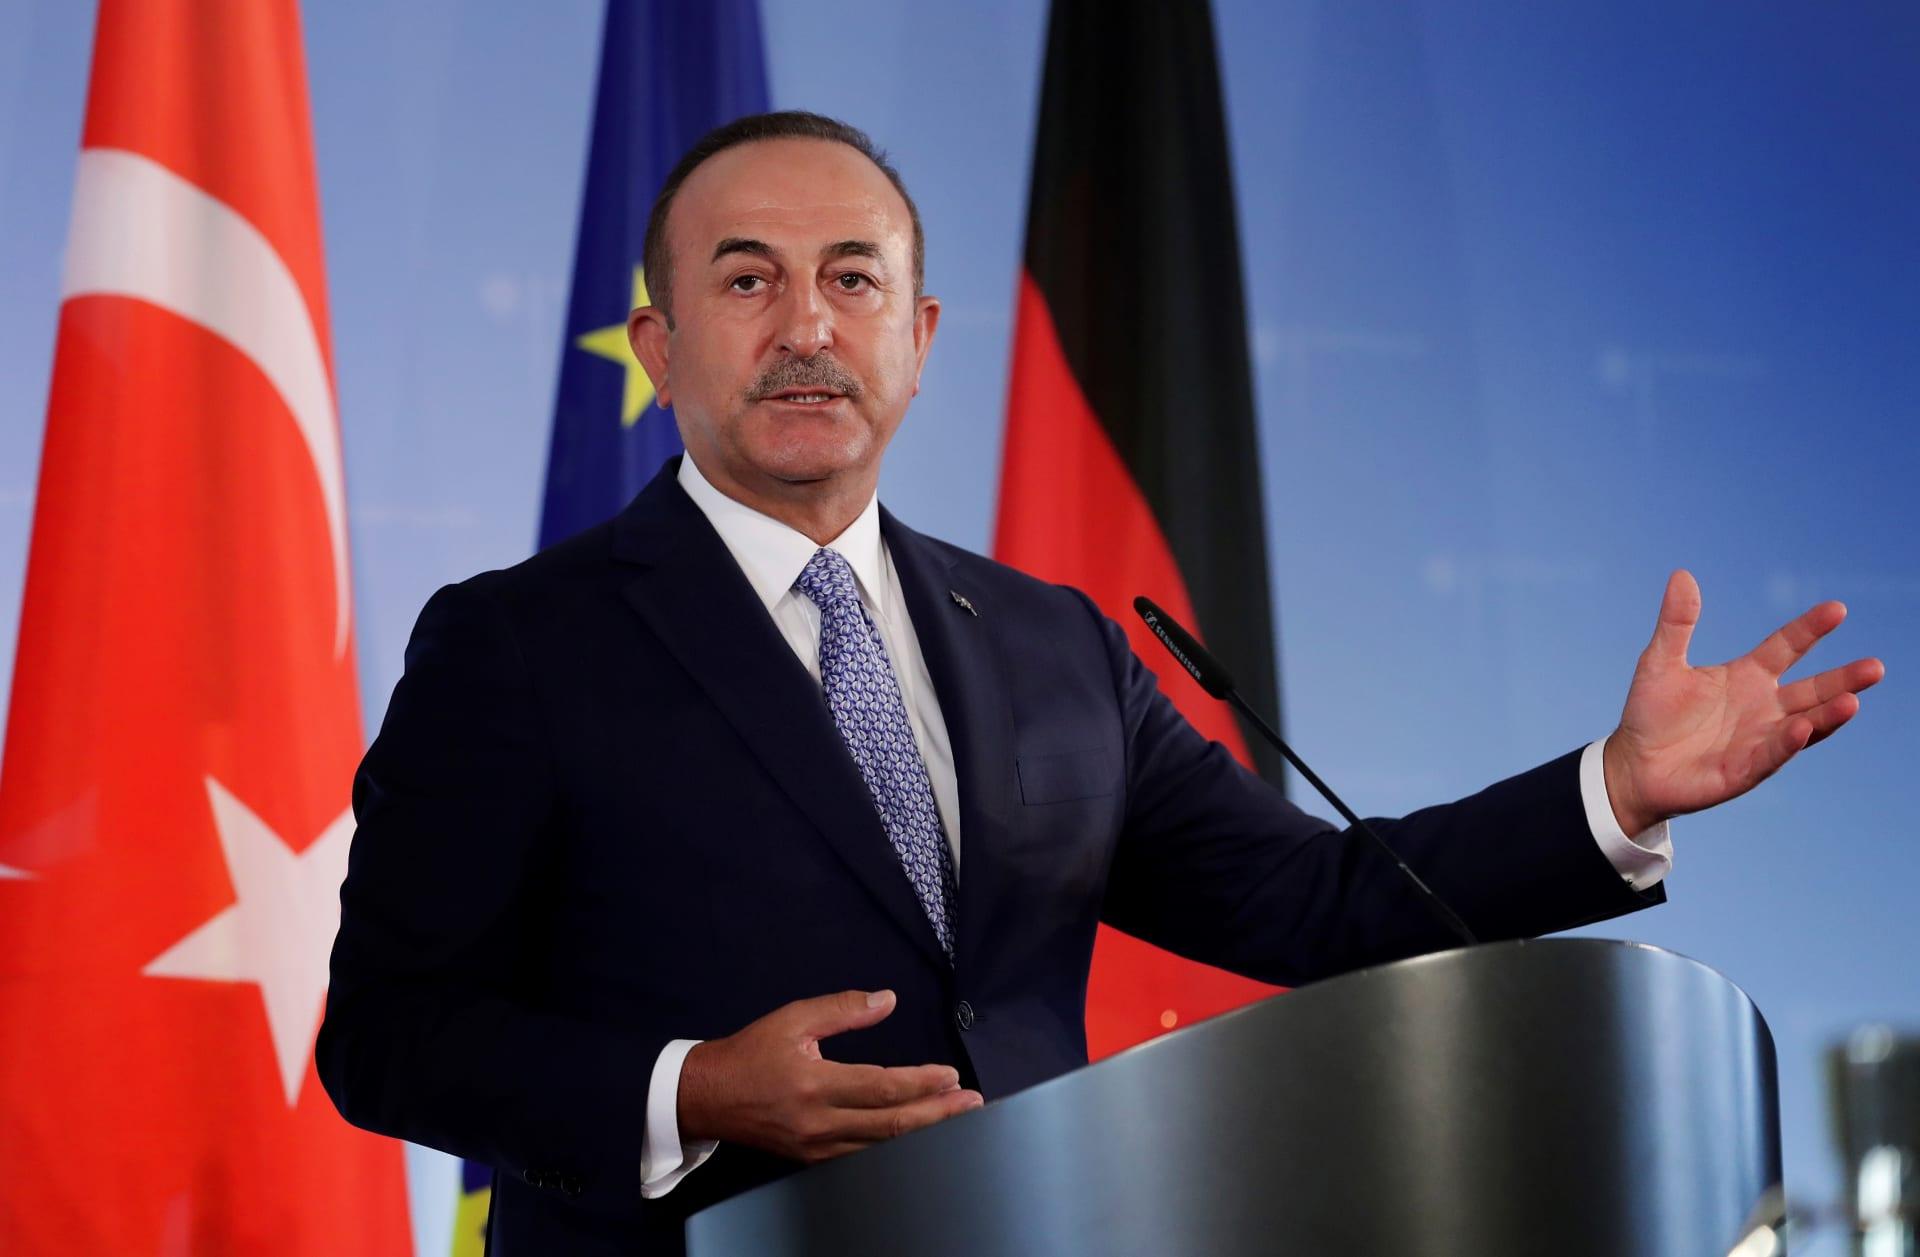 تصريحات جديدة لوزير الخارجية التركي حول سوريا وليبيا...ماذا تضمنت...؟